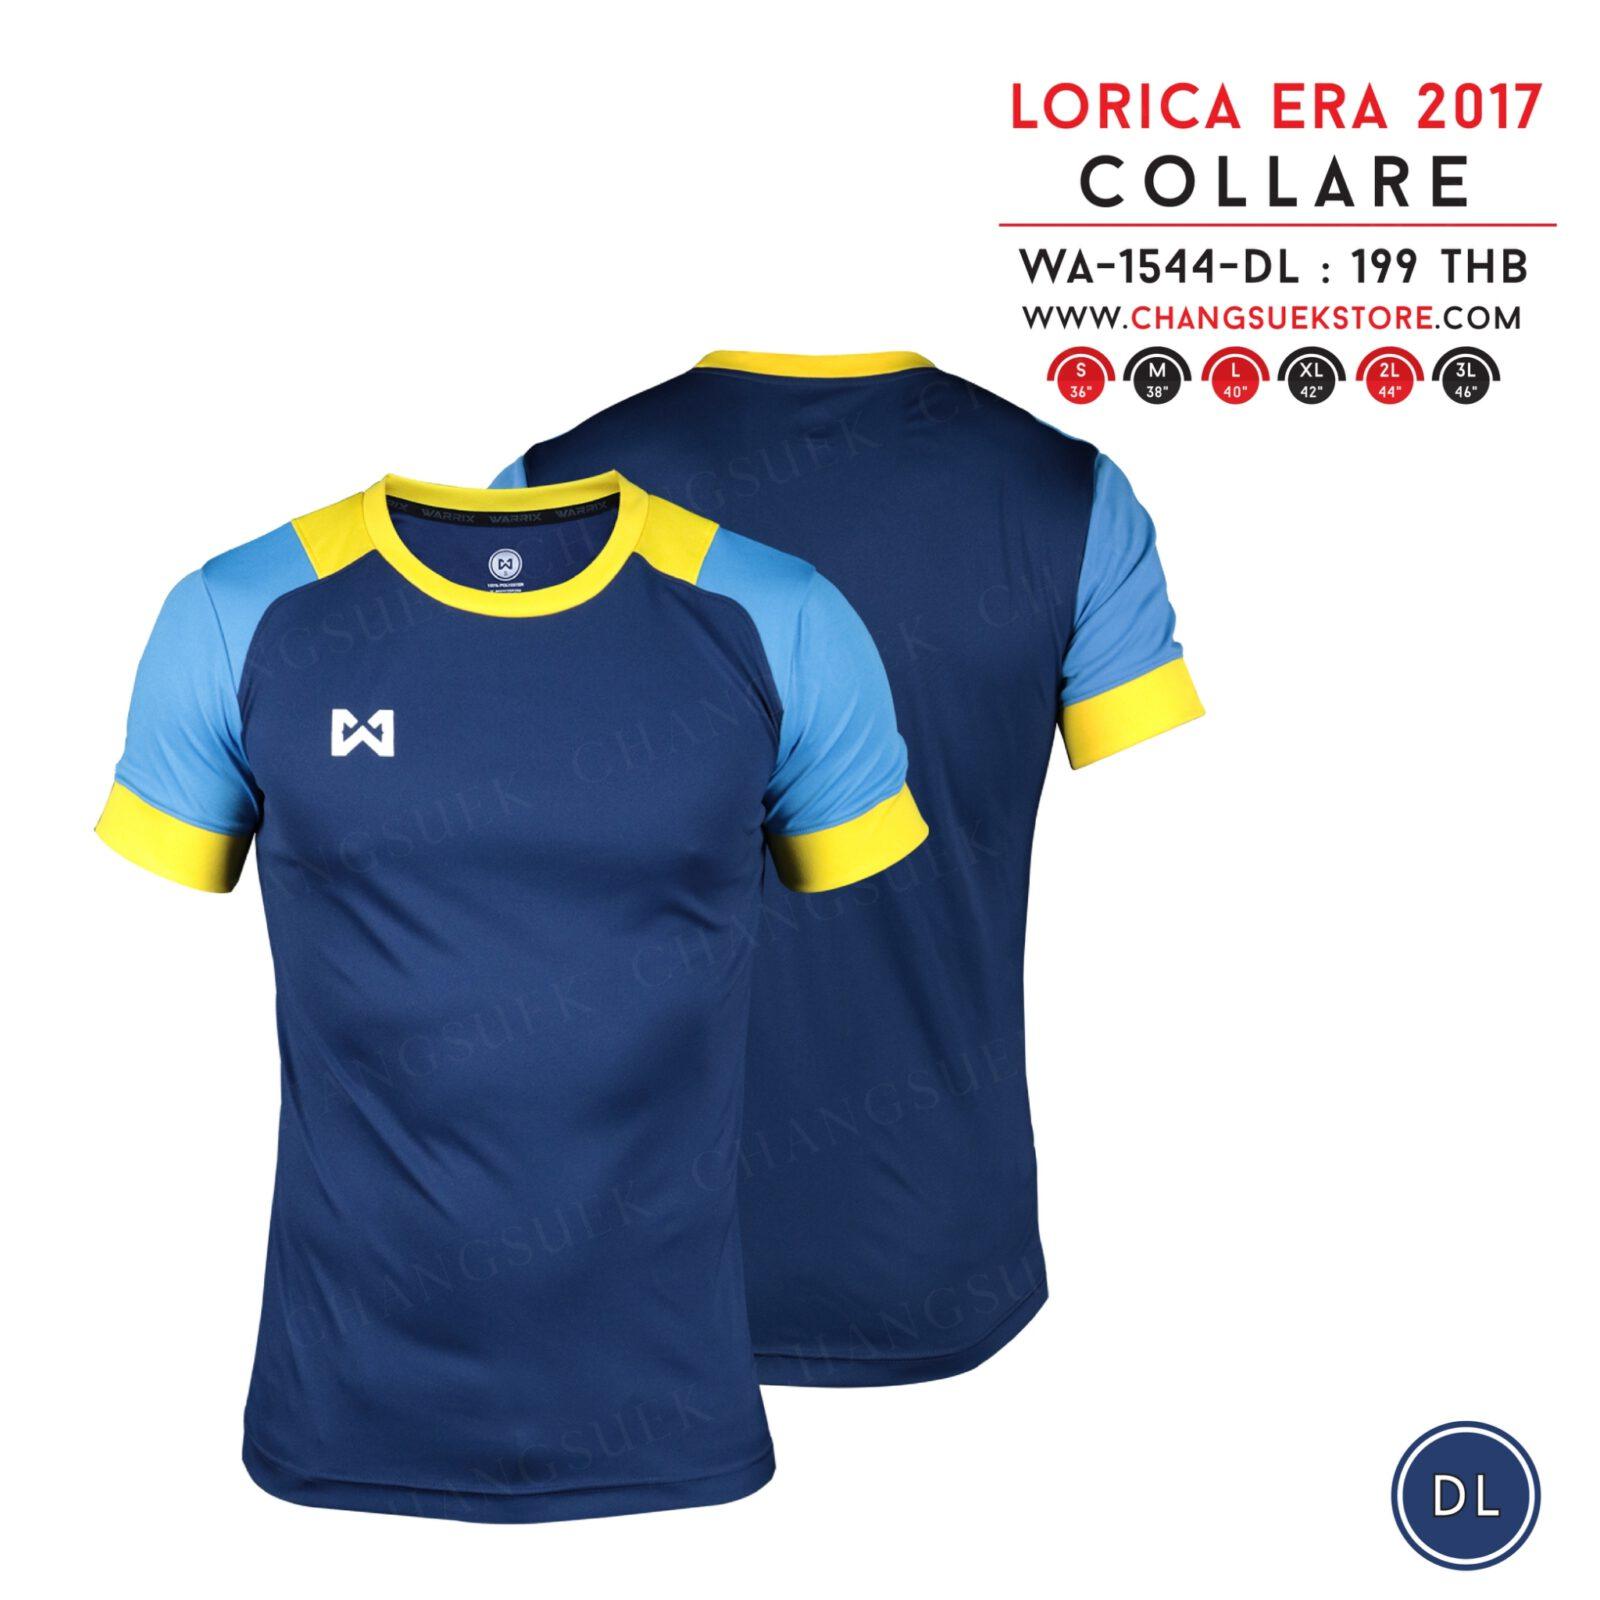 เสื้อฟุตบอล รุ่น WA-1544